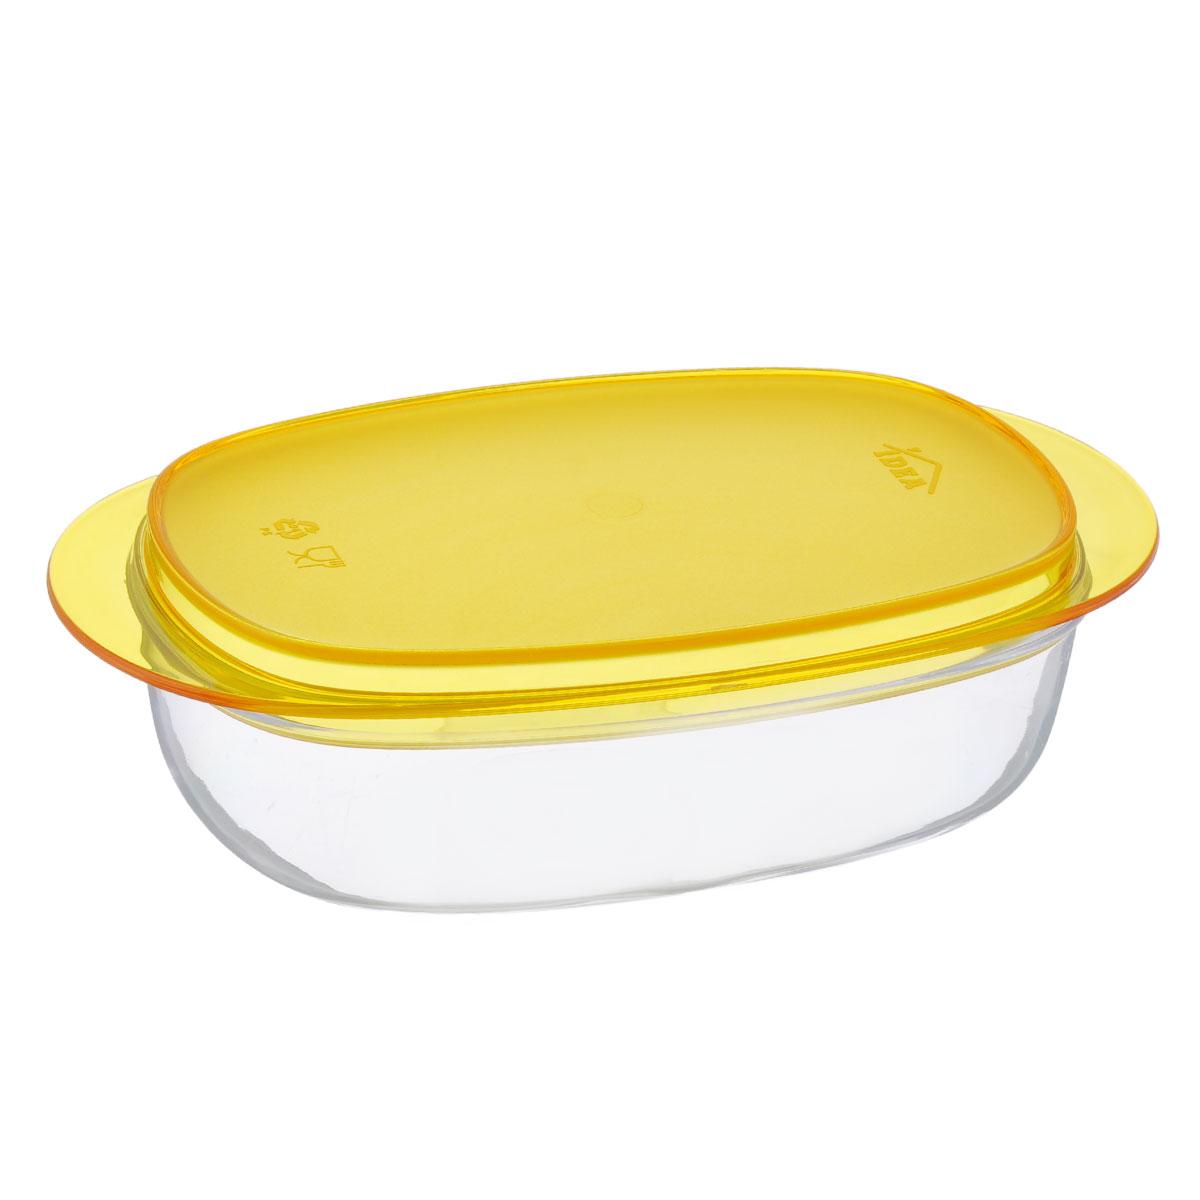 Масленка Idea Кристалл, цвет: оранжевый, прозрачныйМ 1126Масленка Idea Кристалл изготовлена из пищевого пластика. Изделие состоит из подноса и прозрачной крышки. Крышка плотно закрывается, сохраняя масло вкусным и свежим. Масленка Idea Кристалл станет прекрасным дополнением к коллекции ваших кухонных аксессуаров. Размер подноса: 19 см х 10,5 см х 1,5 см. Размер крышки: 16 см х 9,5 см х 5 см.